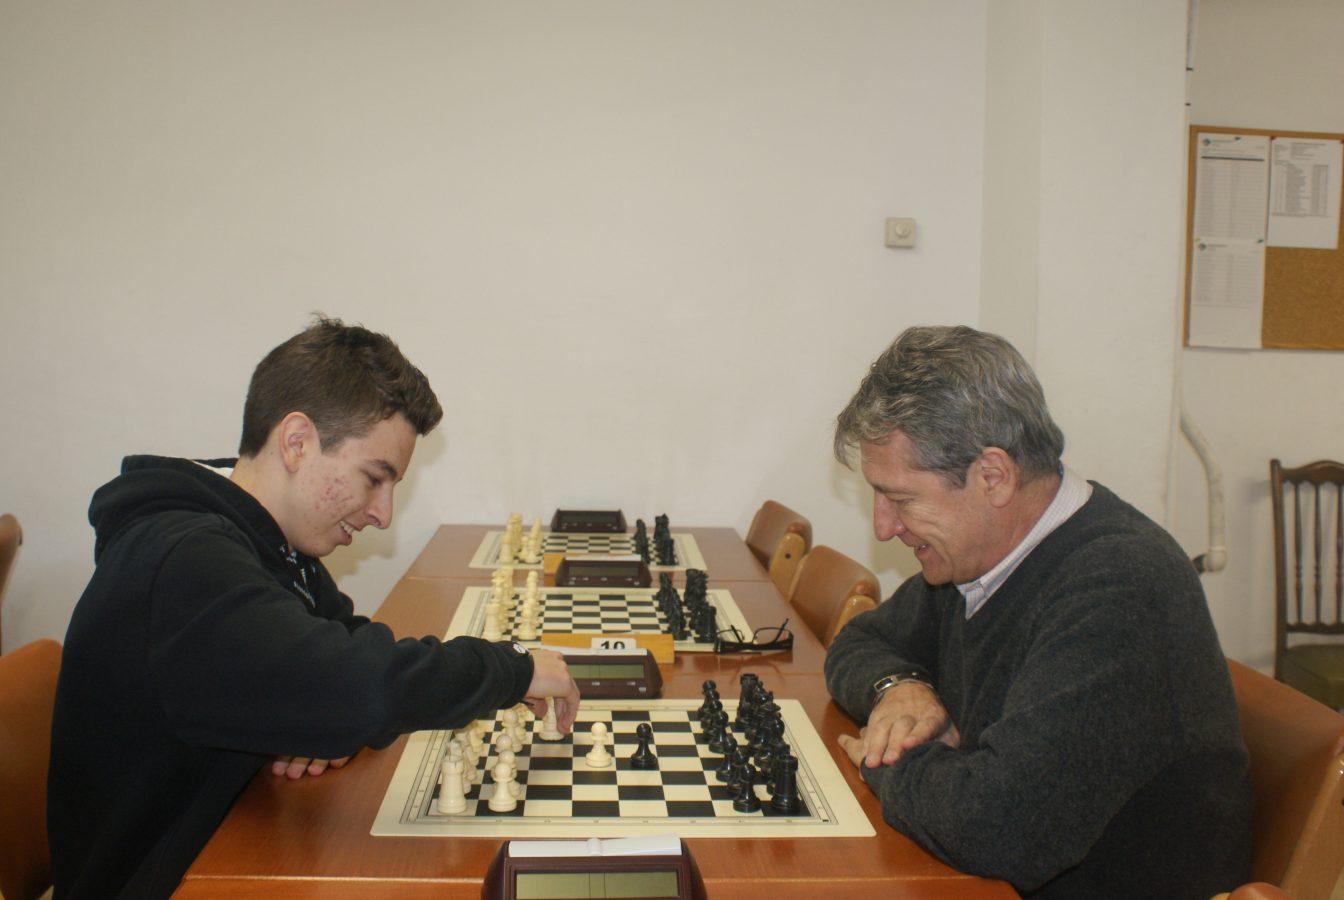 2013 Campionat del Món per edats